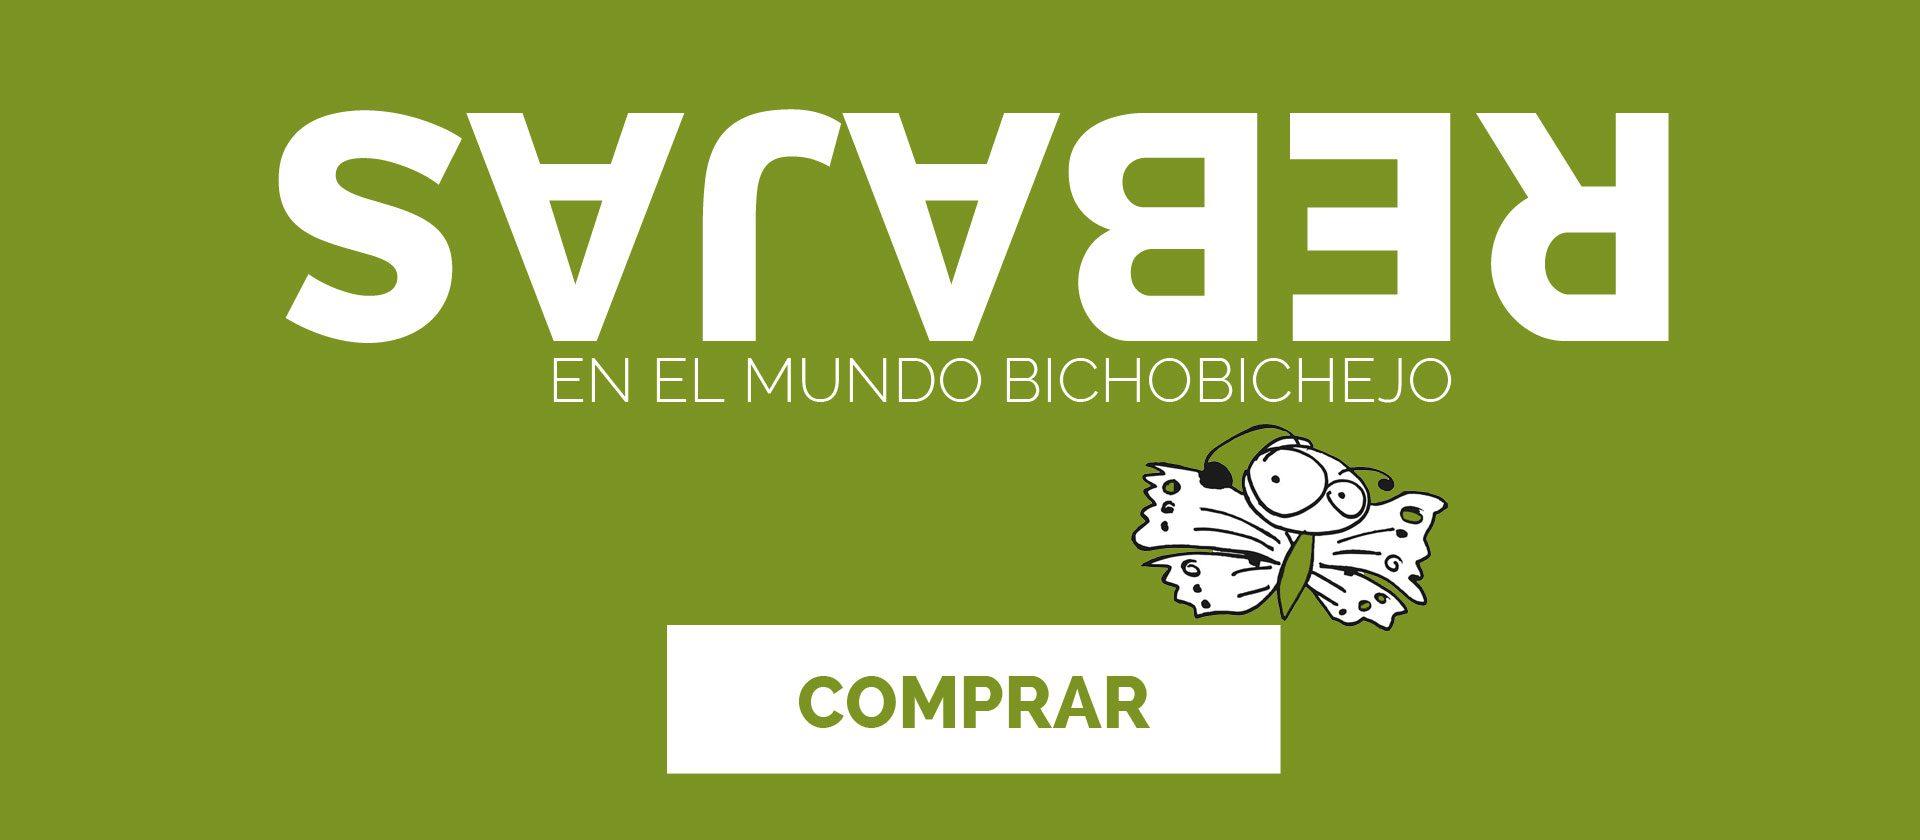 Algodon organico y moda sostenible y ecológica Bichobichejo